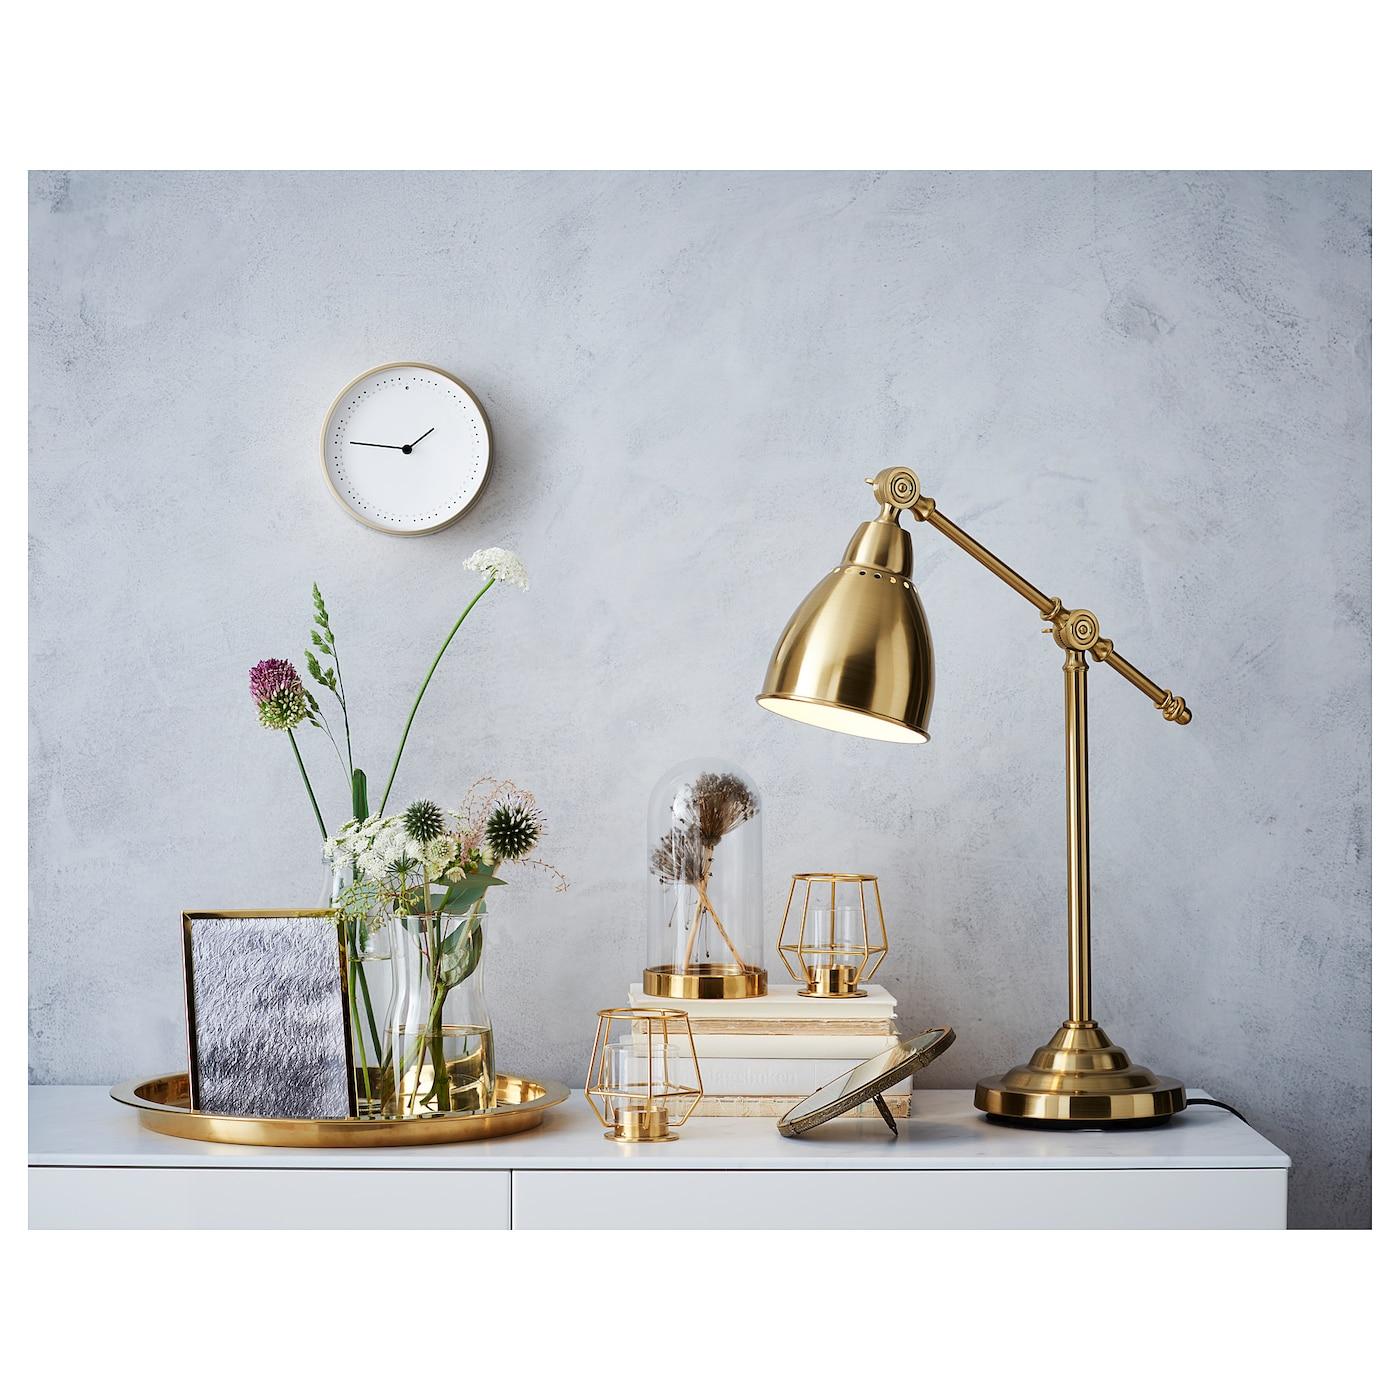 PÄRLBAND Tealight holder 10 cm - IKEA